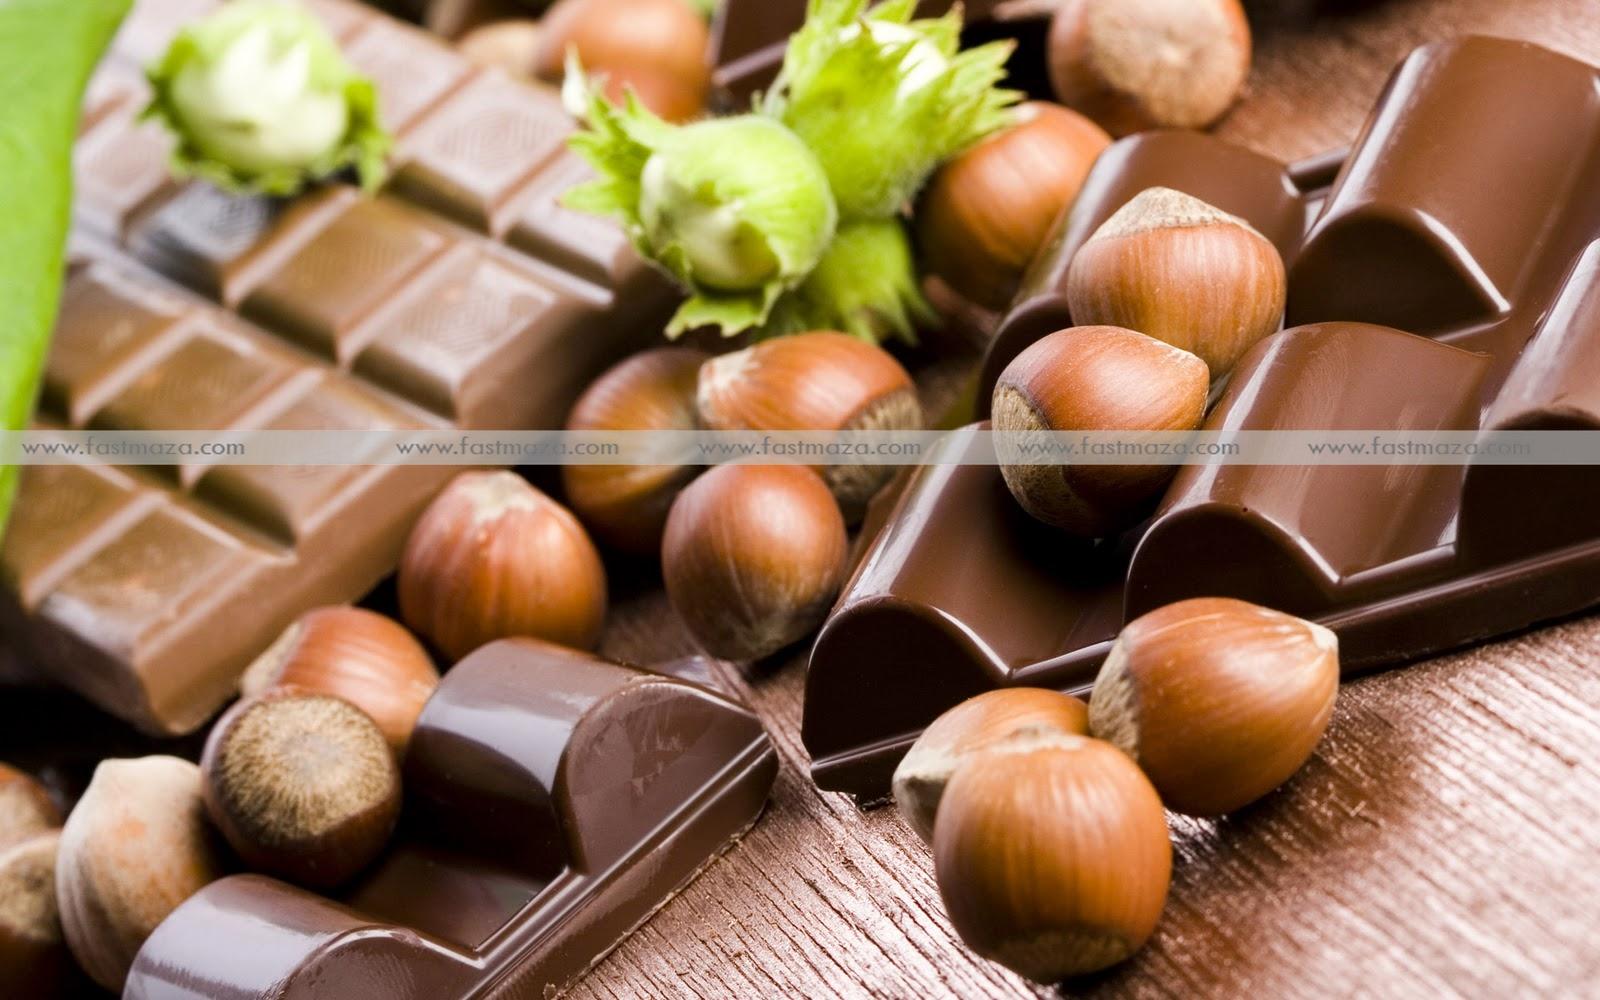 Chocolate Candy Wallpaper 15 Desktop Wallpaper Wallpaper 1600x1000